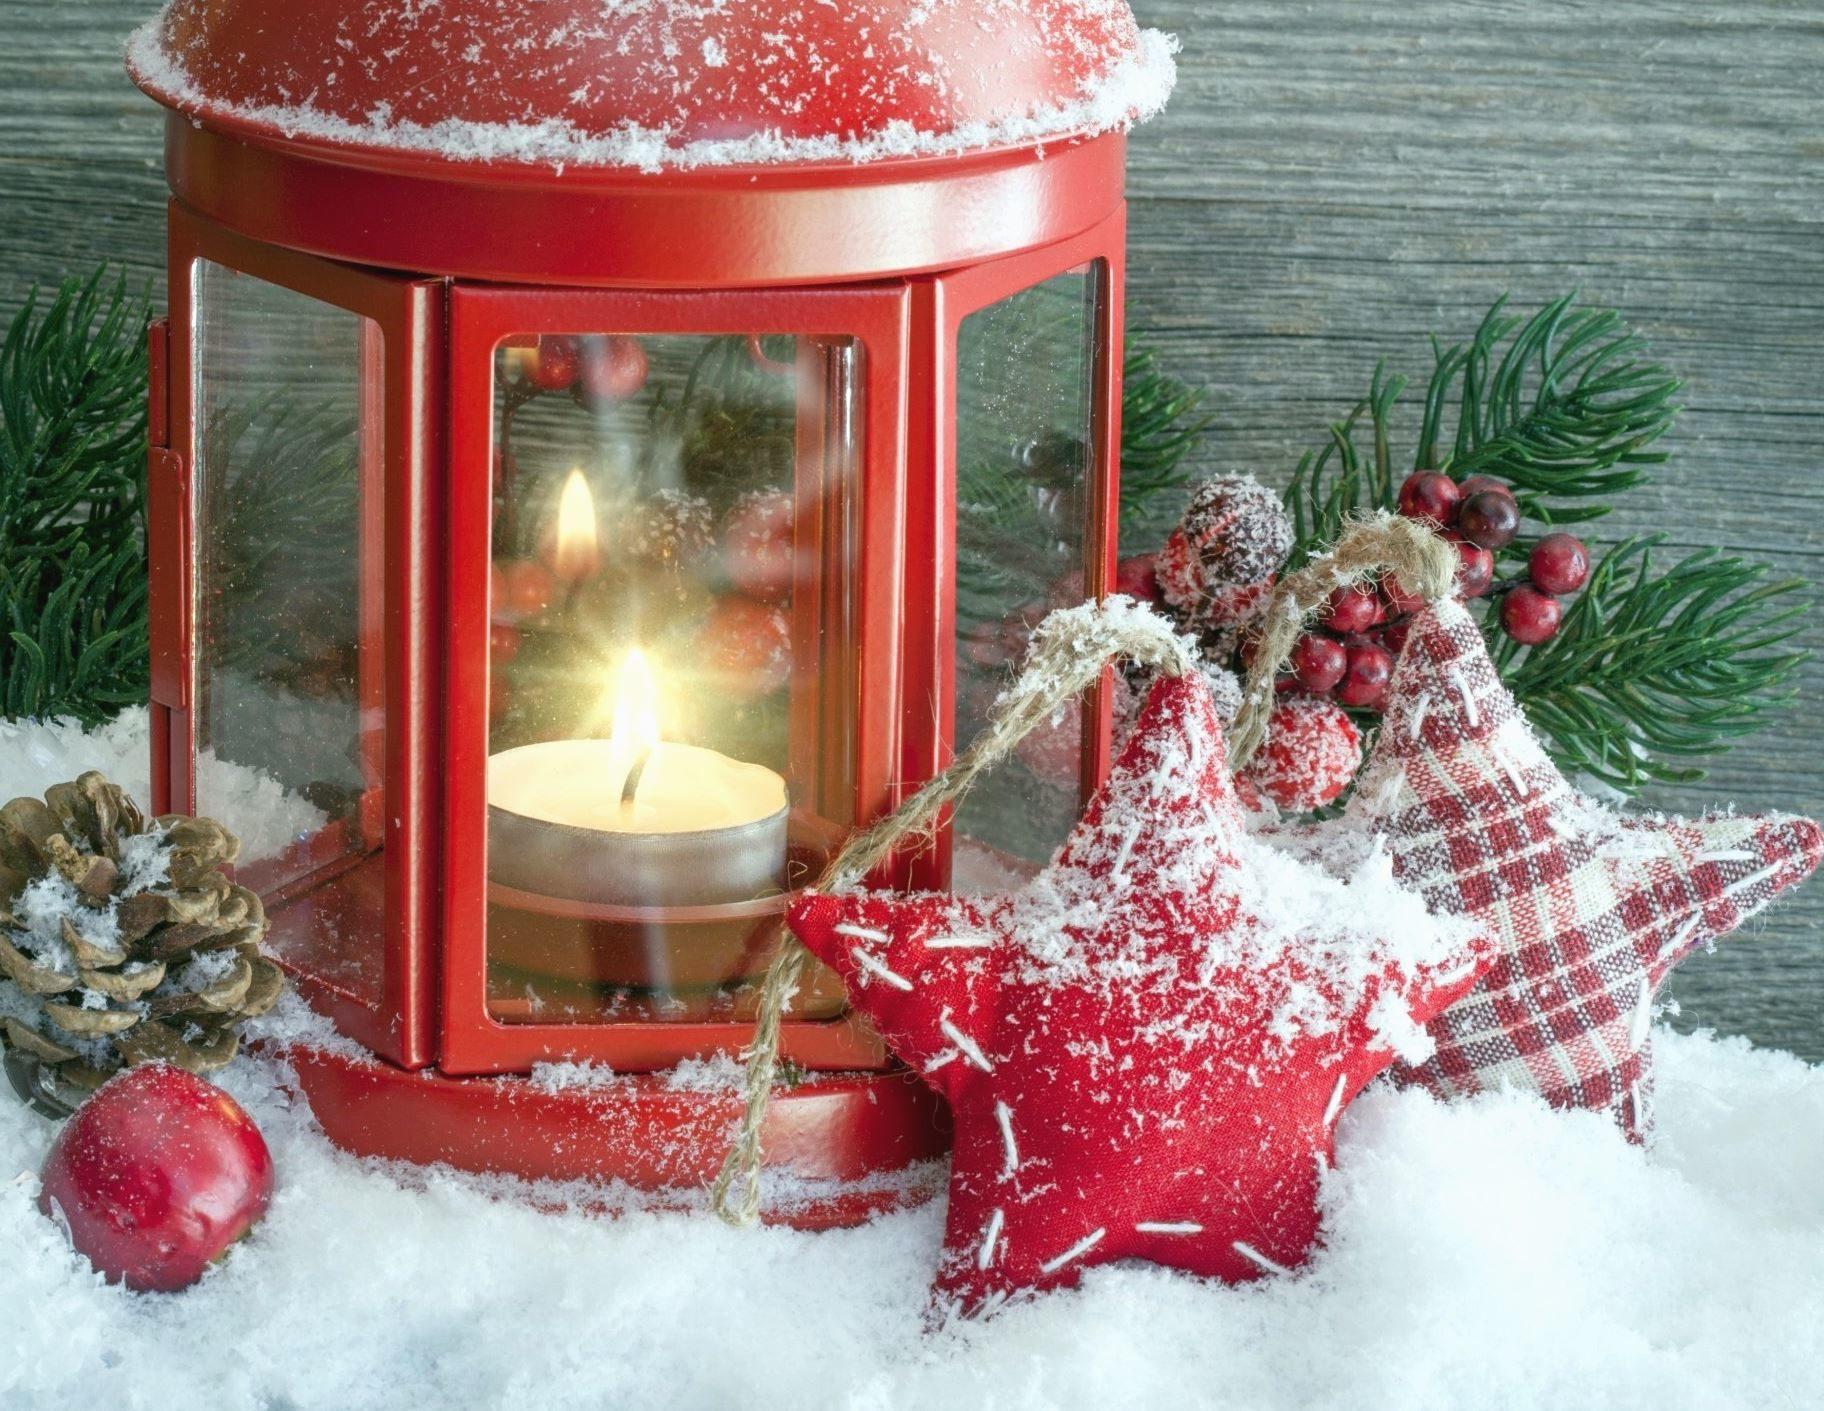 Christmas Wallpaper Gif Animations Kostenlose Bild Kerze Weihnachten Dekoration Schnee